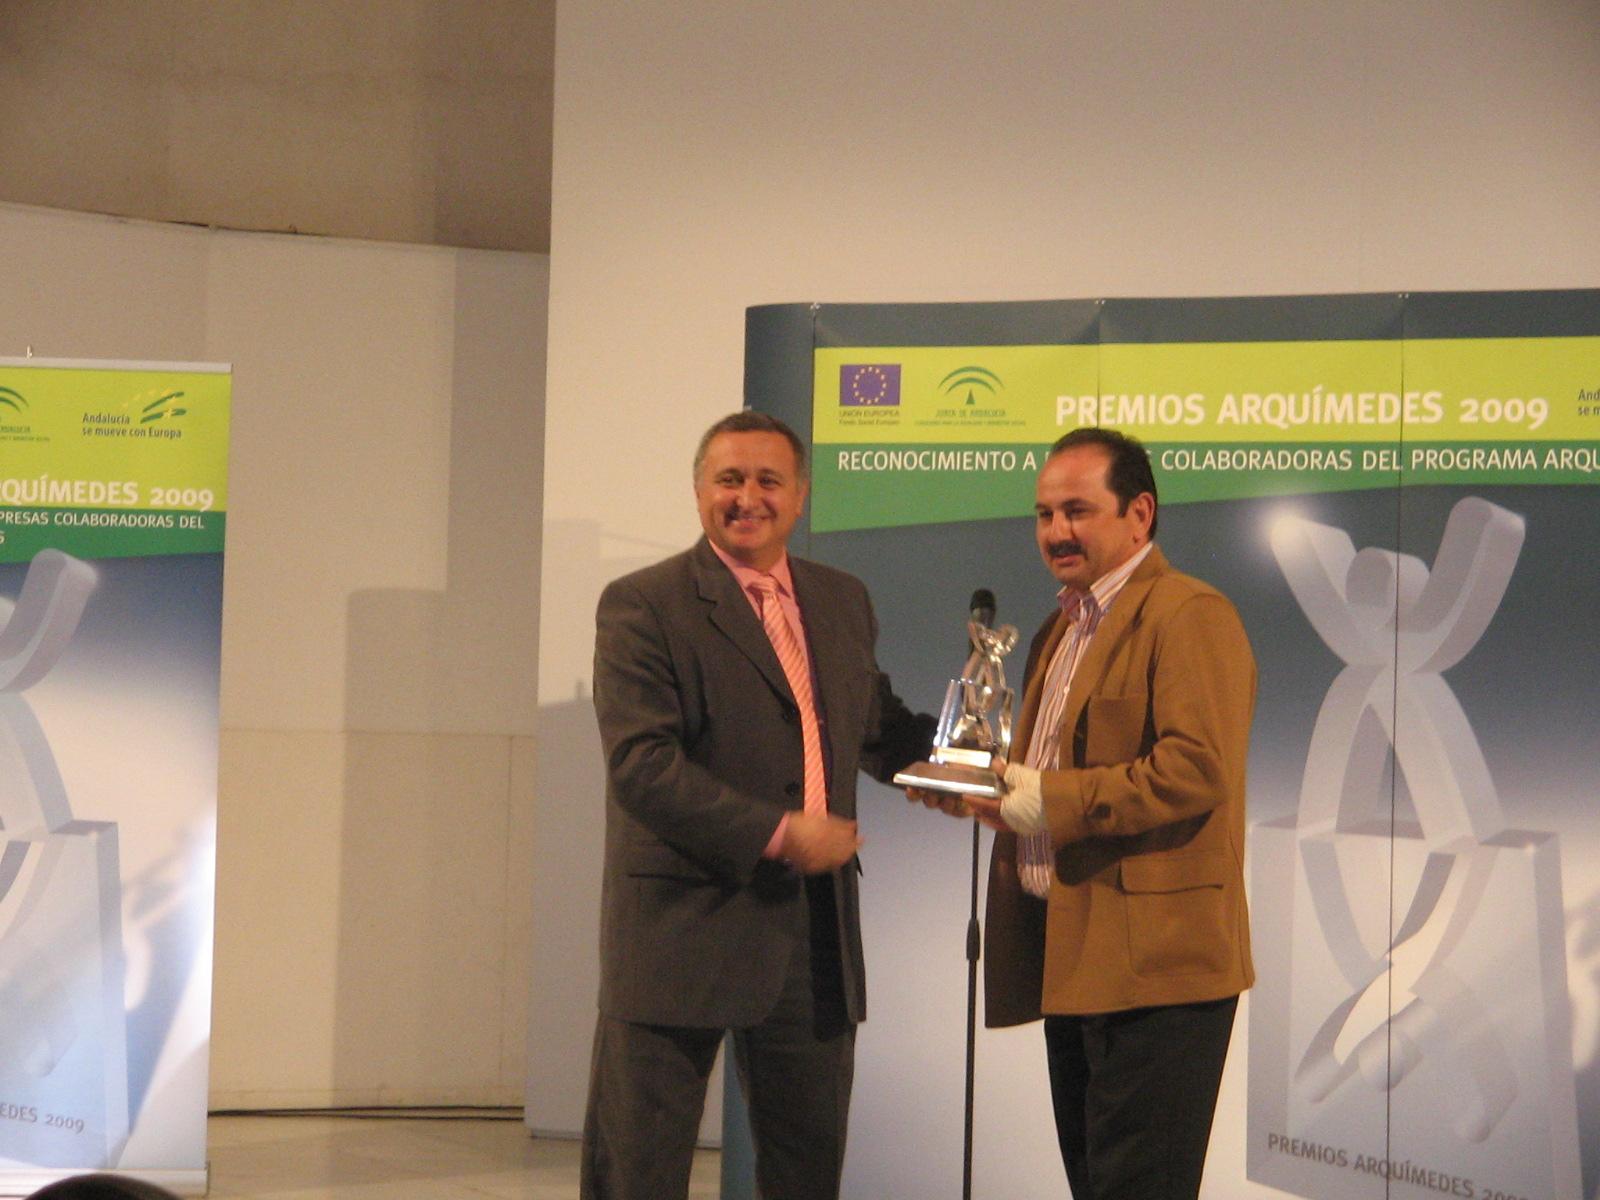 PREMIOS ALQUÍMIDES 2009